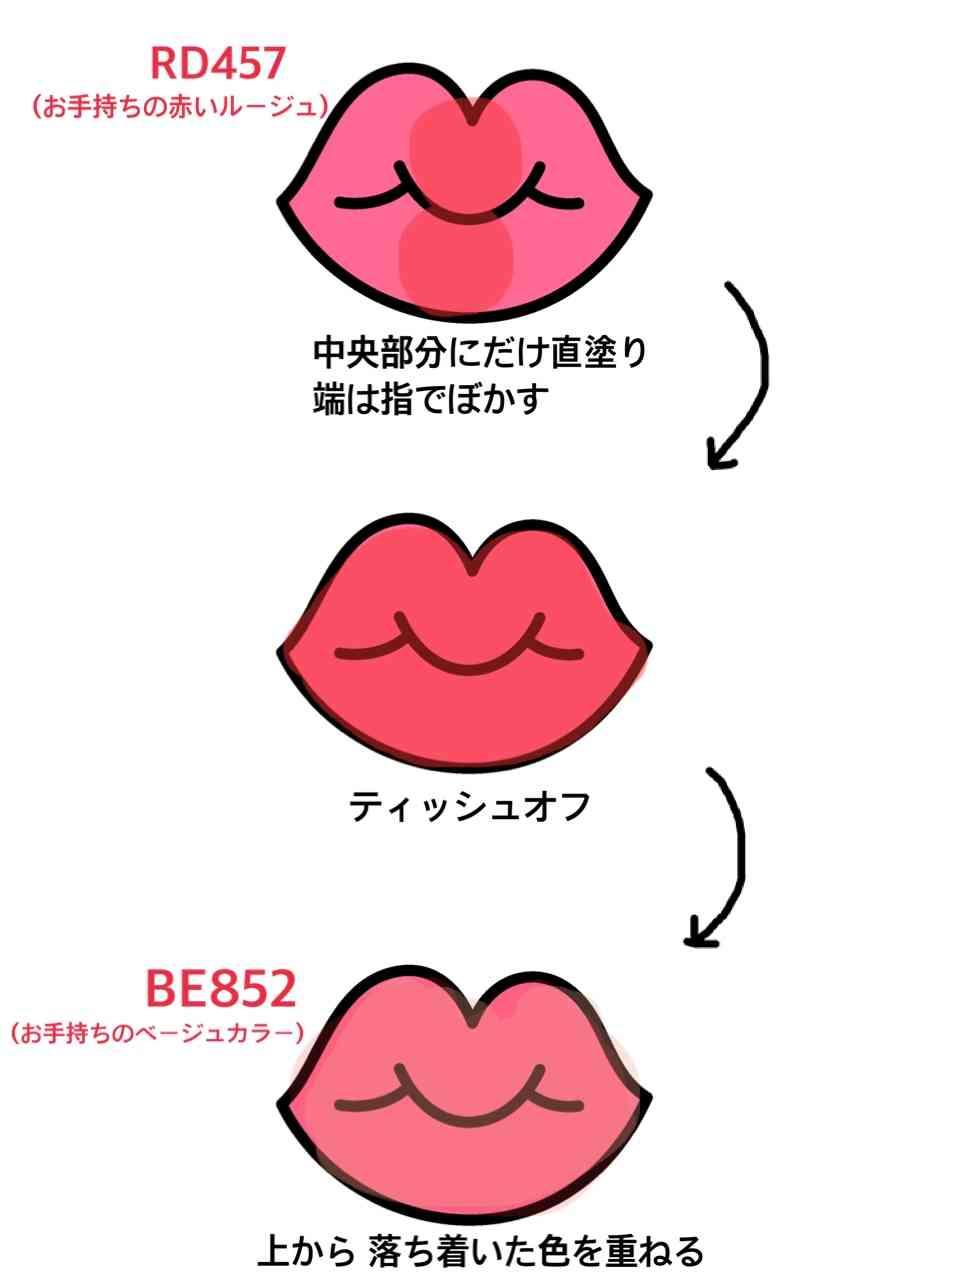 パーソナルカラー【秋(オータム)】の人!